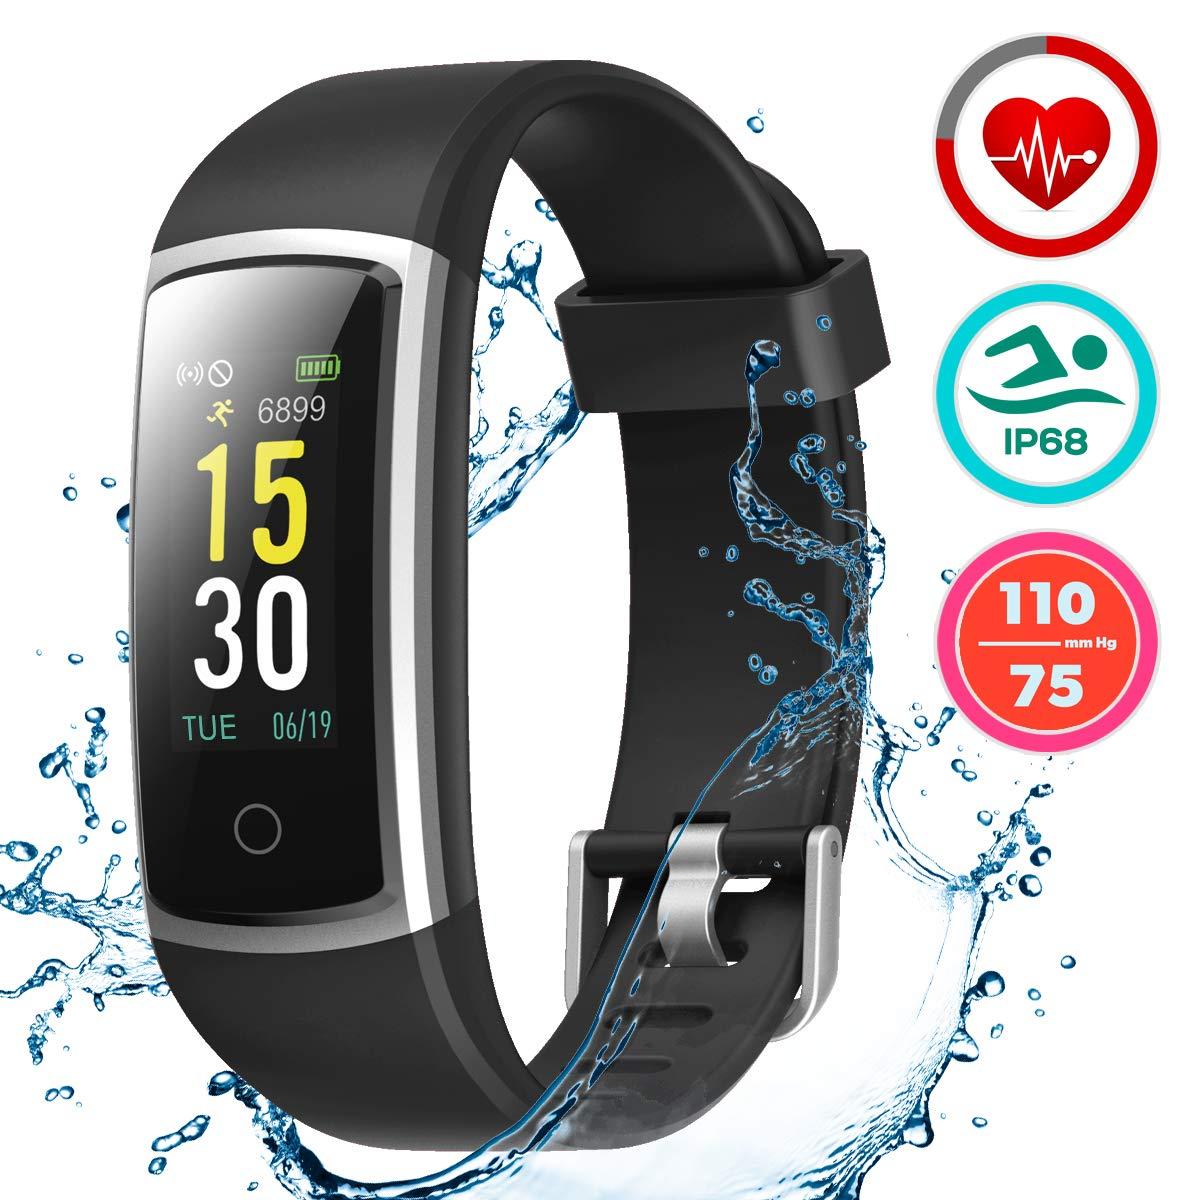 c5e2c7302761bd LATEC Orologio Fitness Tracker Smartwatch Android iOS Cardiofrequenzimetro  Monitor per la Pressione del Sangue Impermeabile IP68